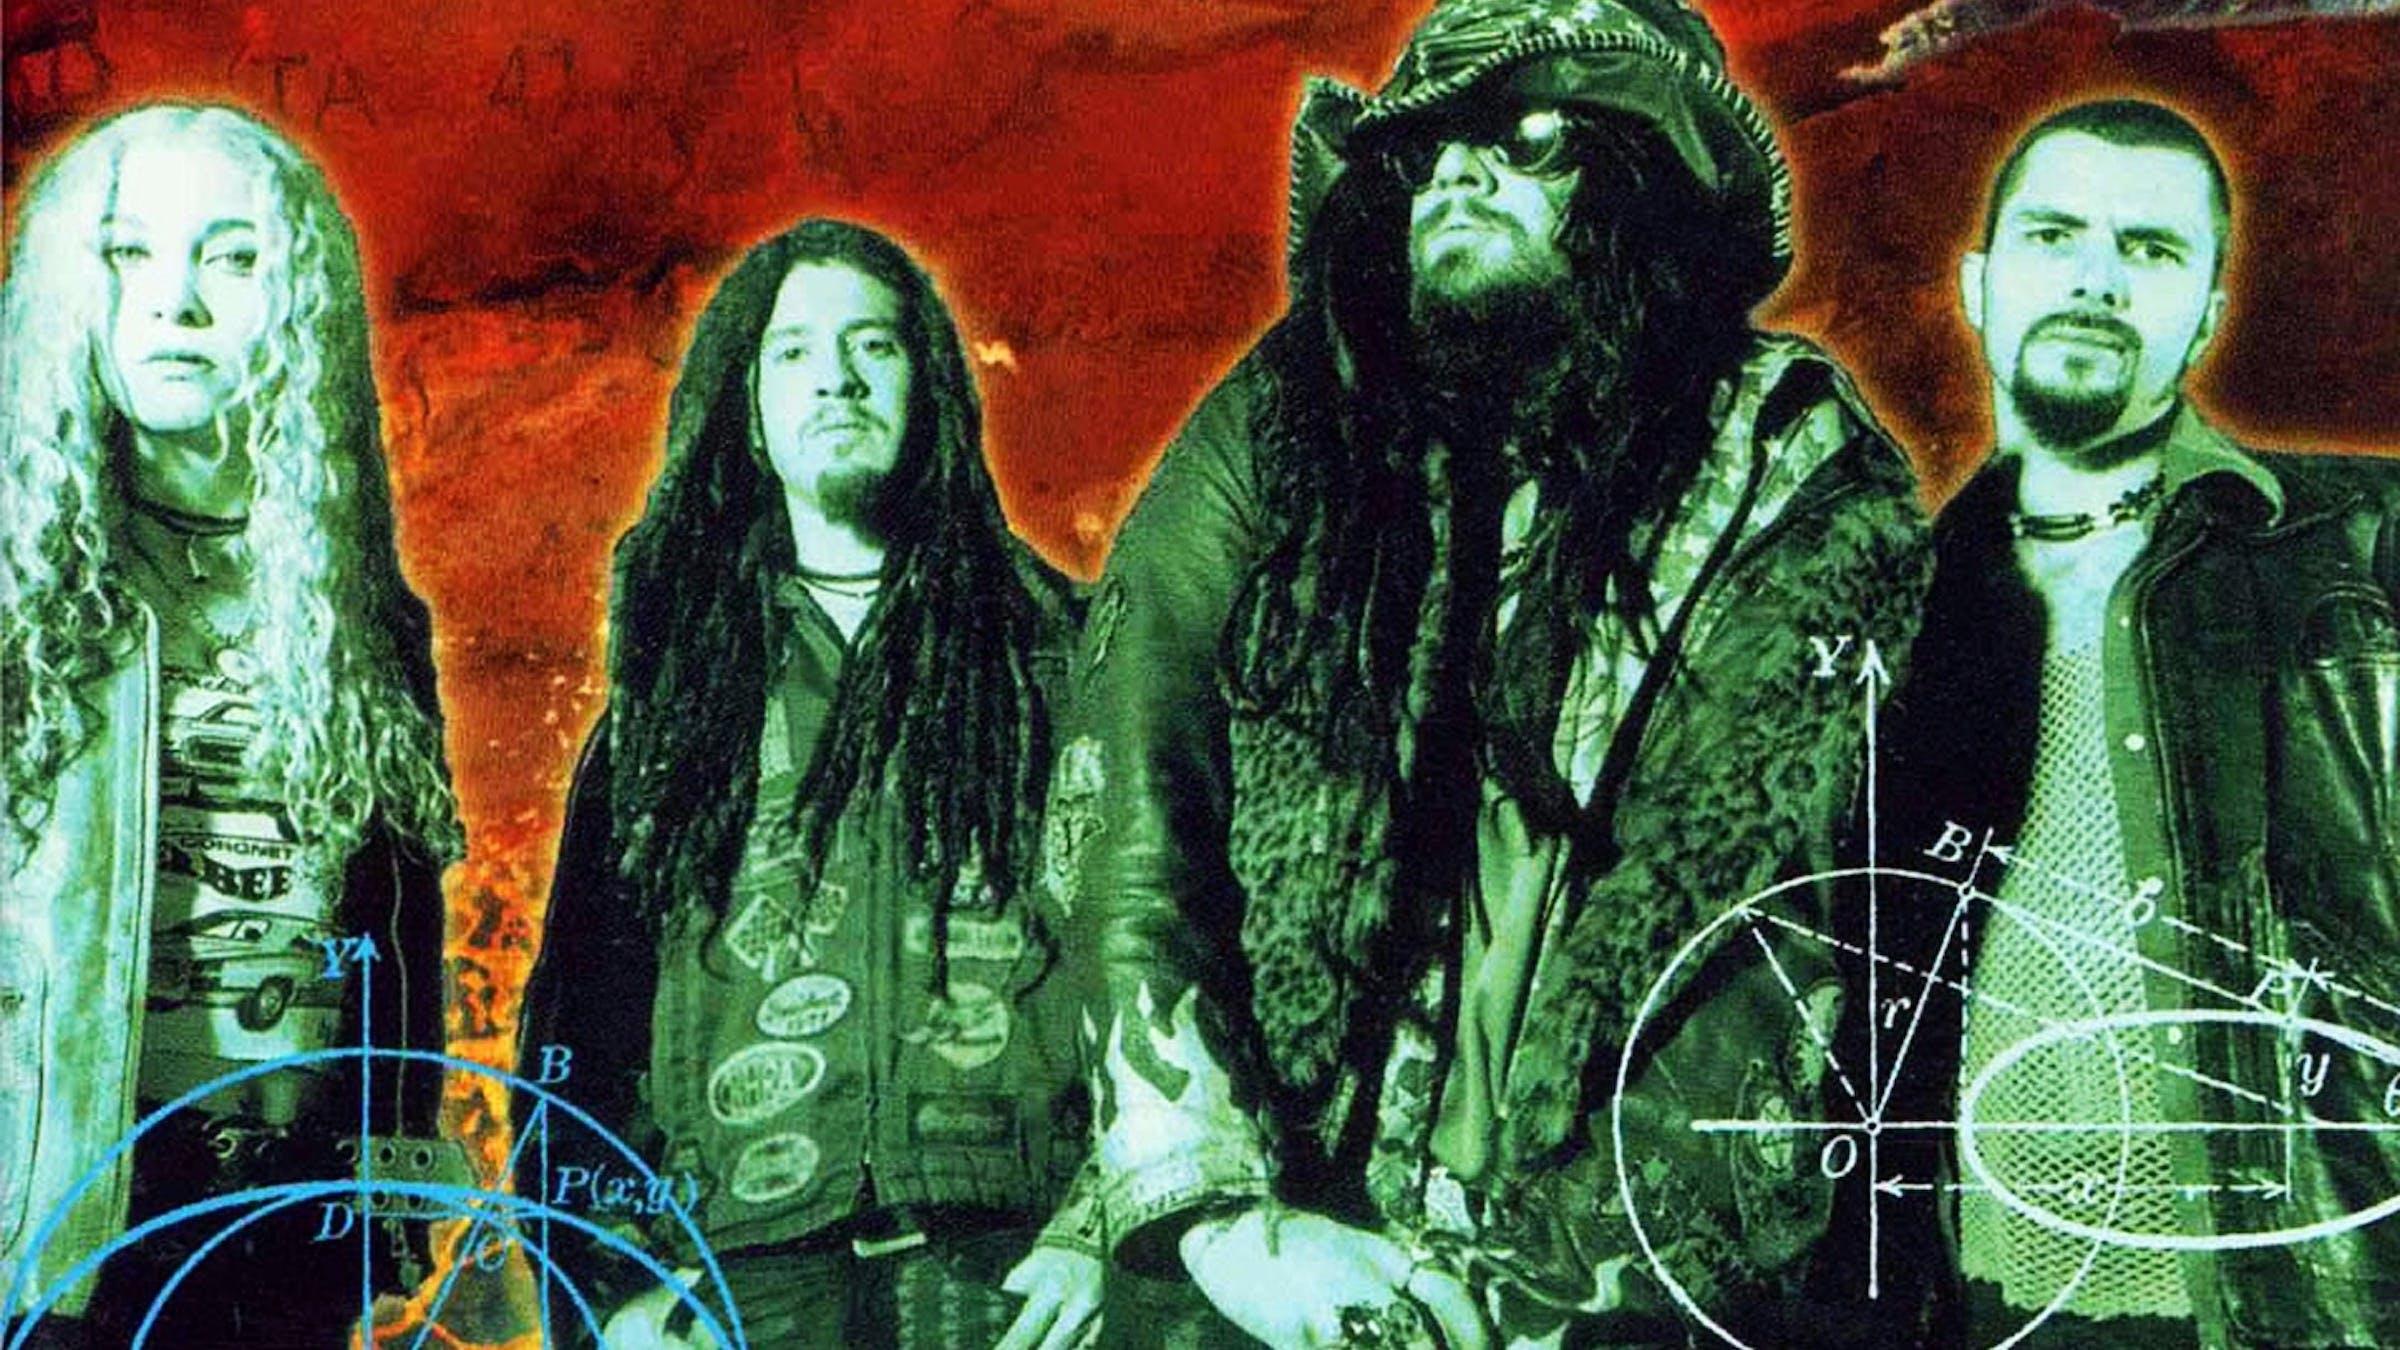 White Zombie's Astro-Creep: 2000 Is The Ultimate '90s Metal Album